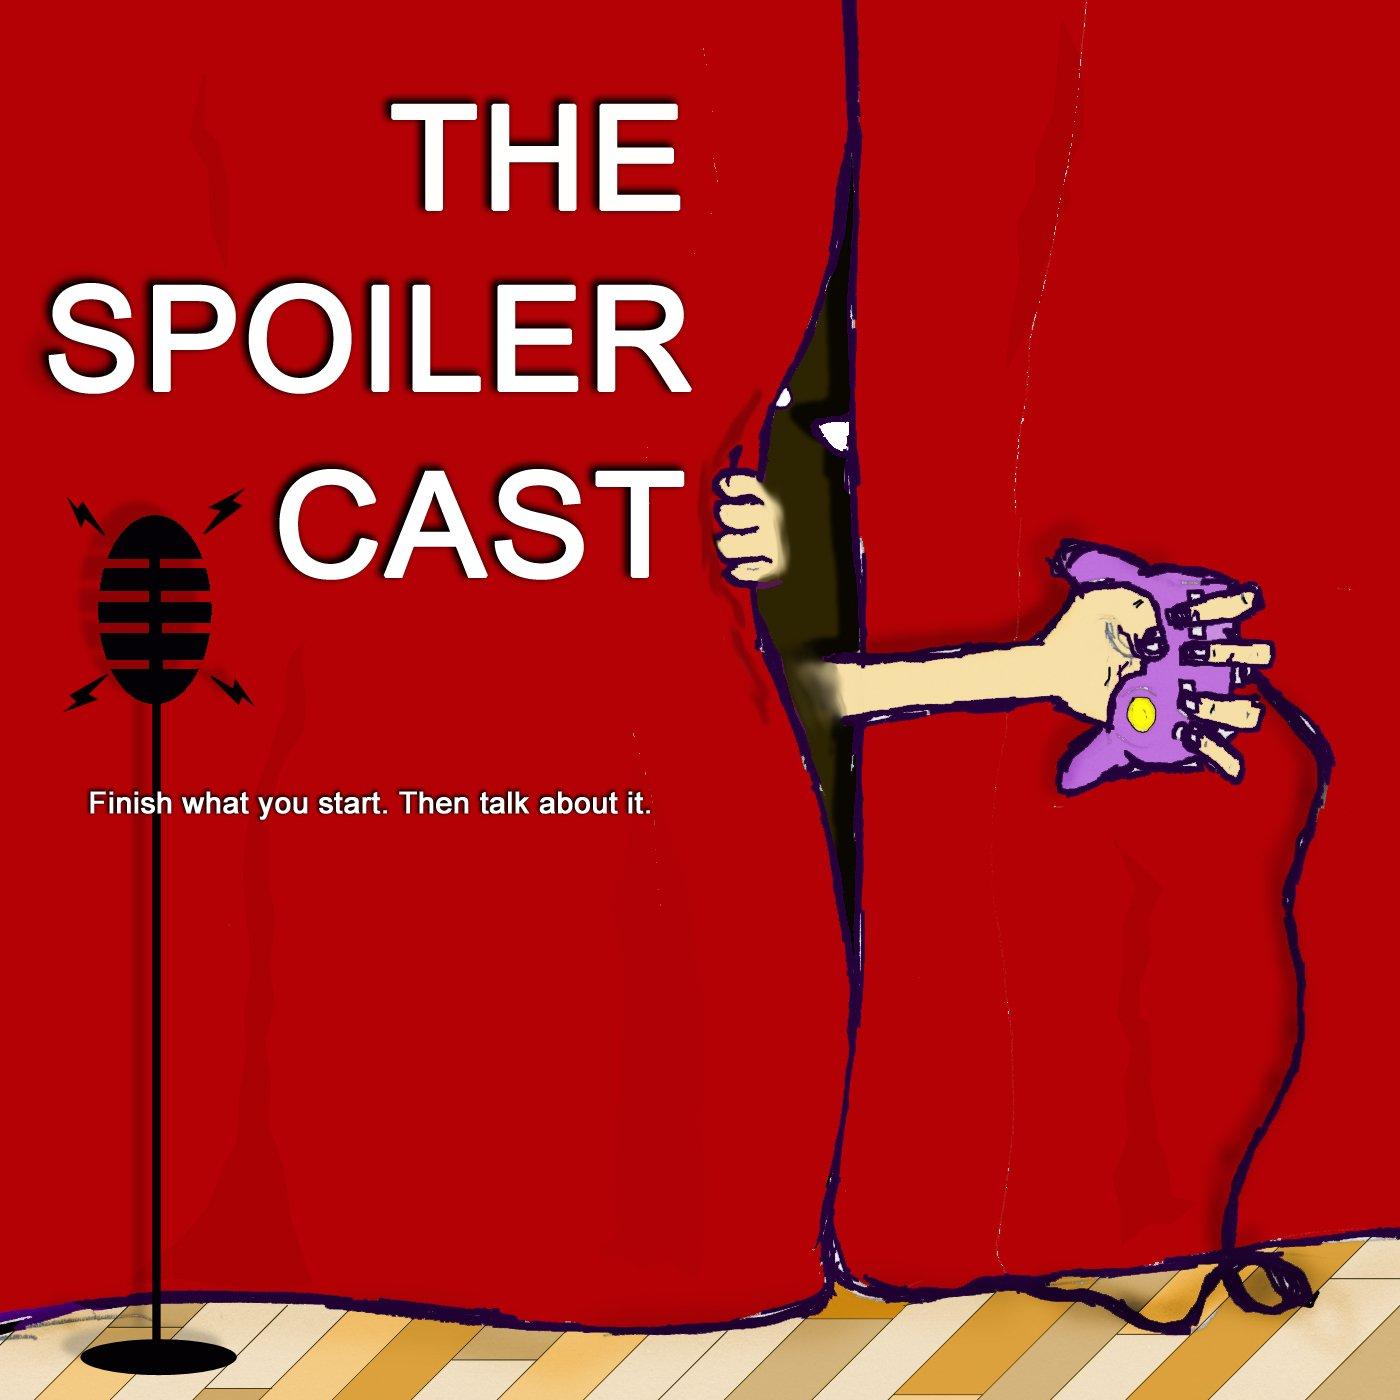 The Spoiler Cast